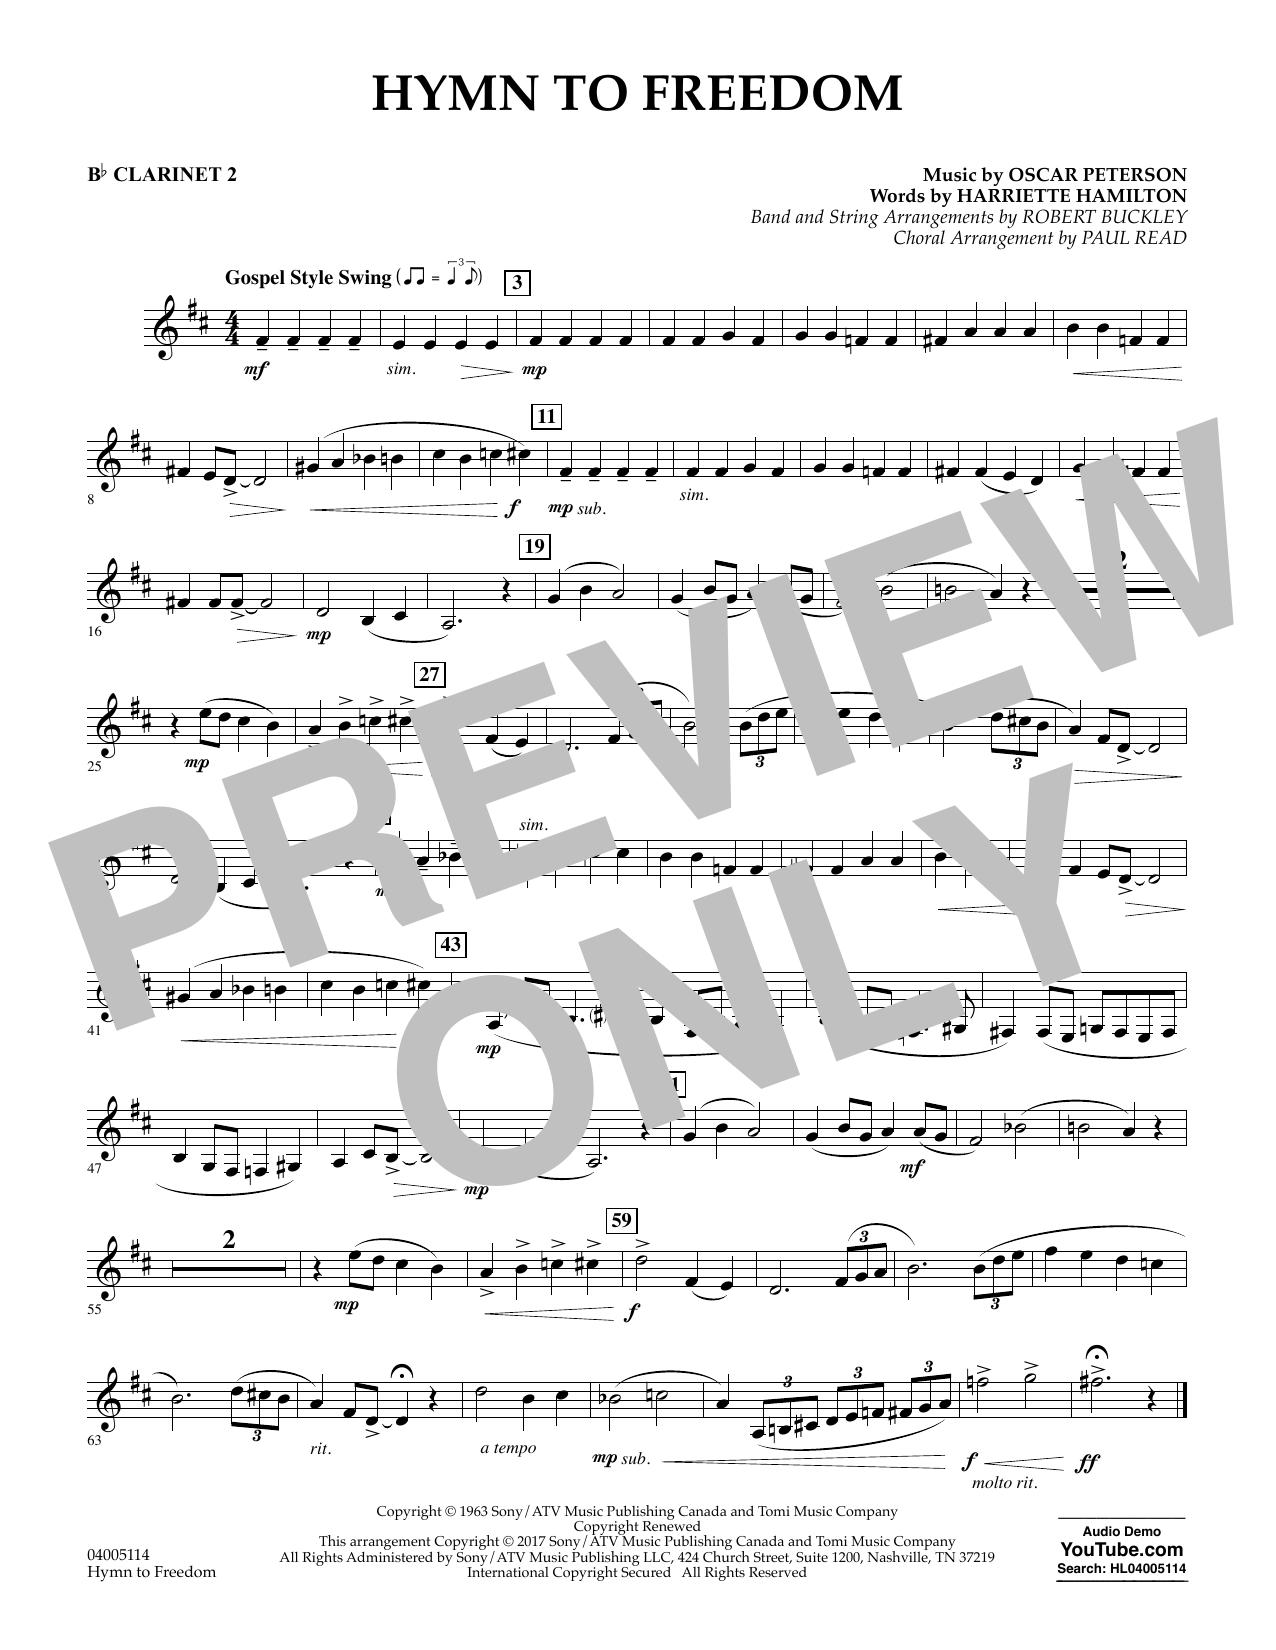 Hymn to Freedom - Bb Clarinet 2 (Flex-Band)